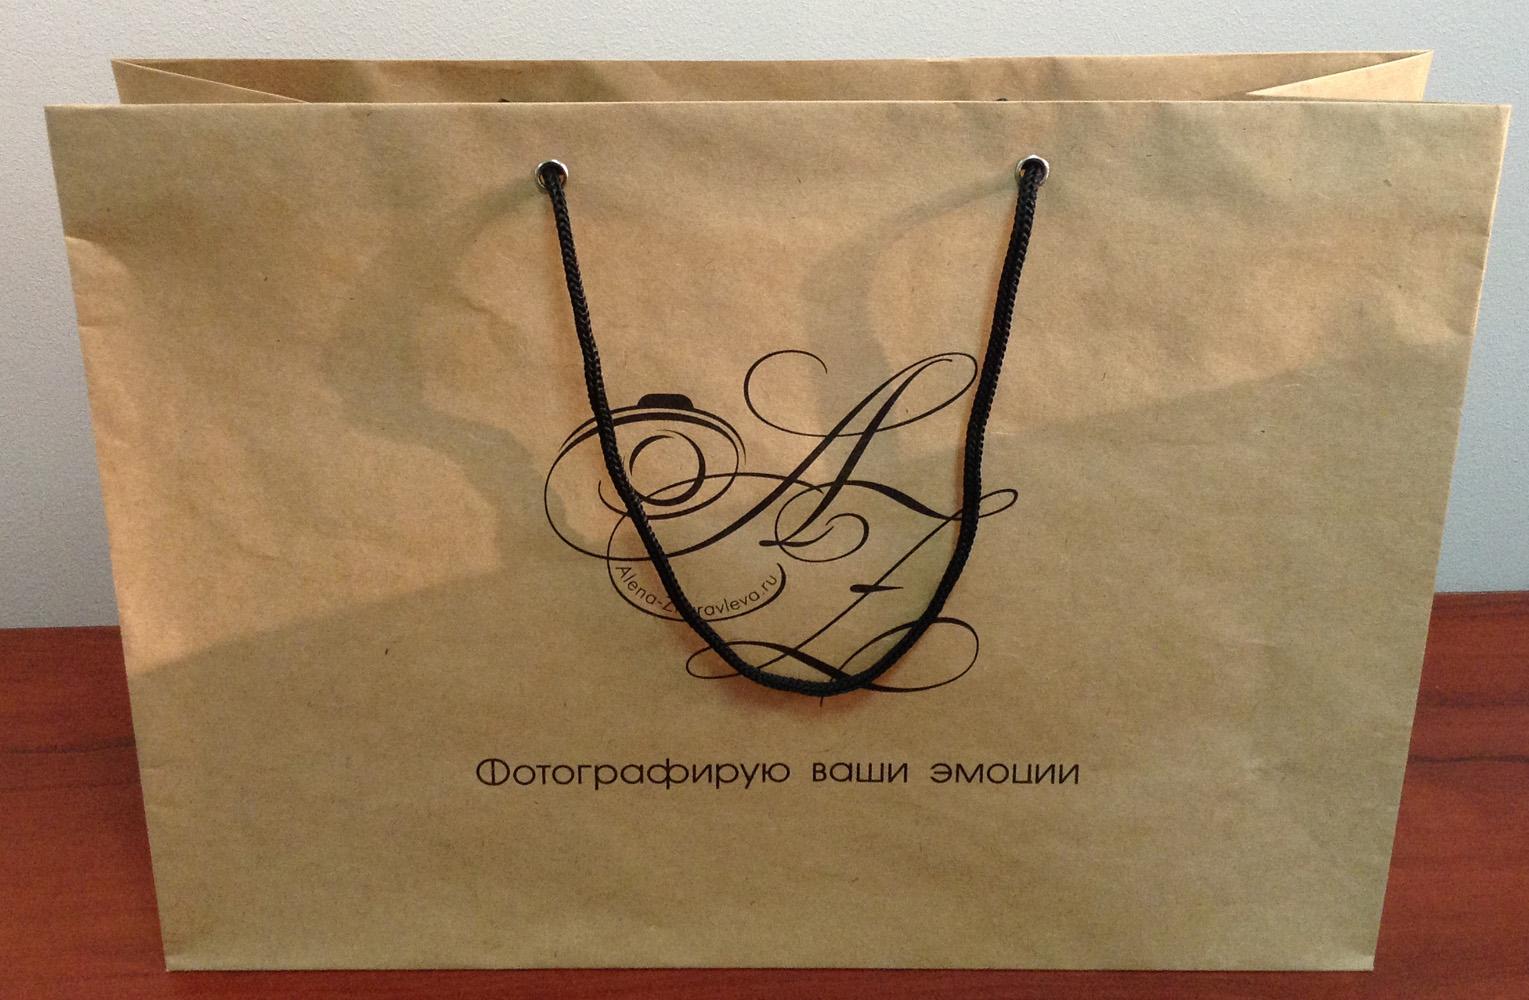 Пакеты из крафт бумаги в Ростове